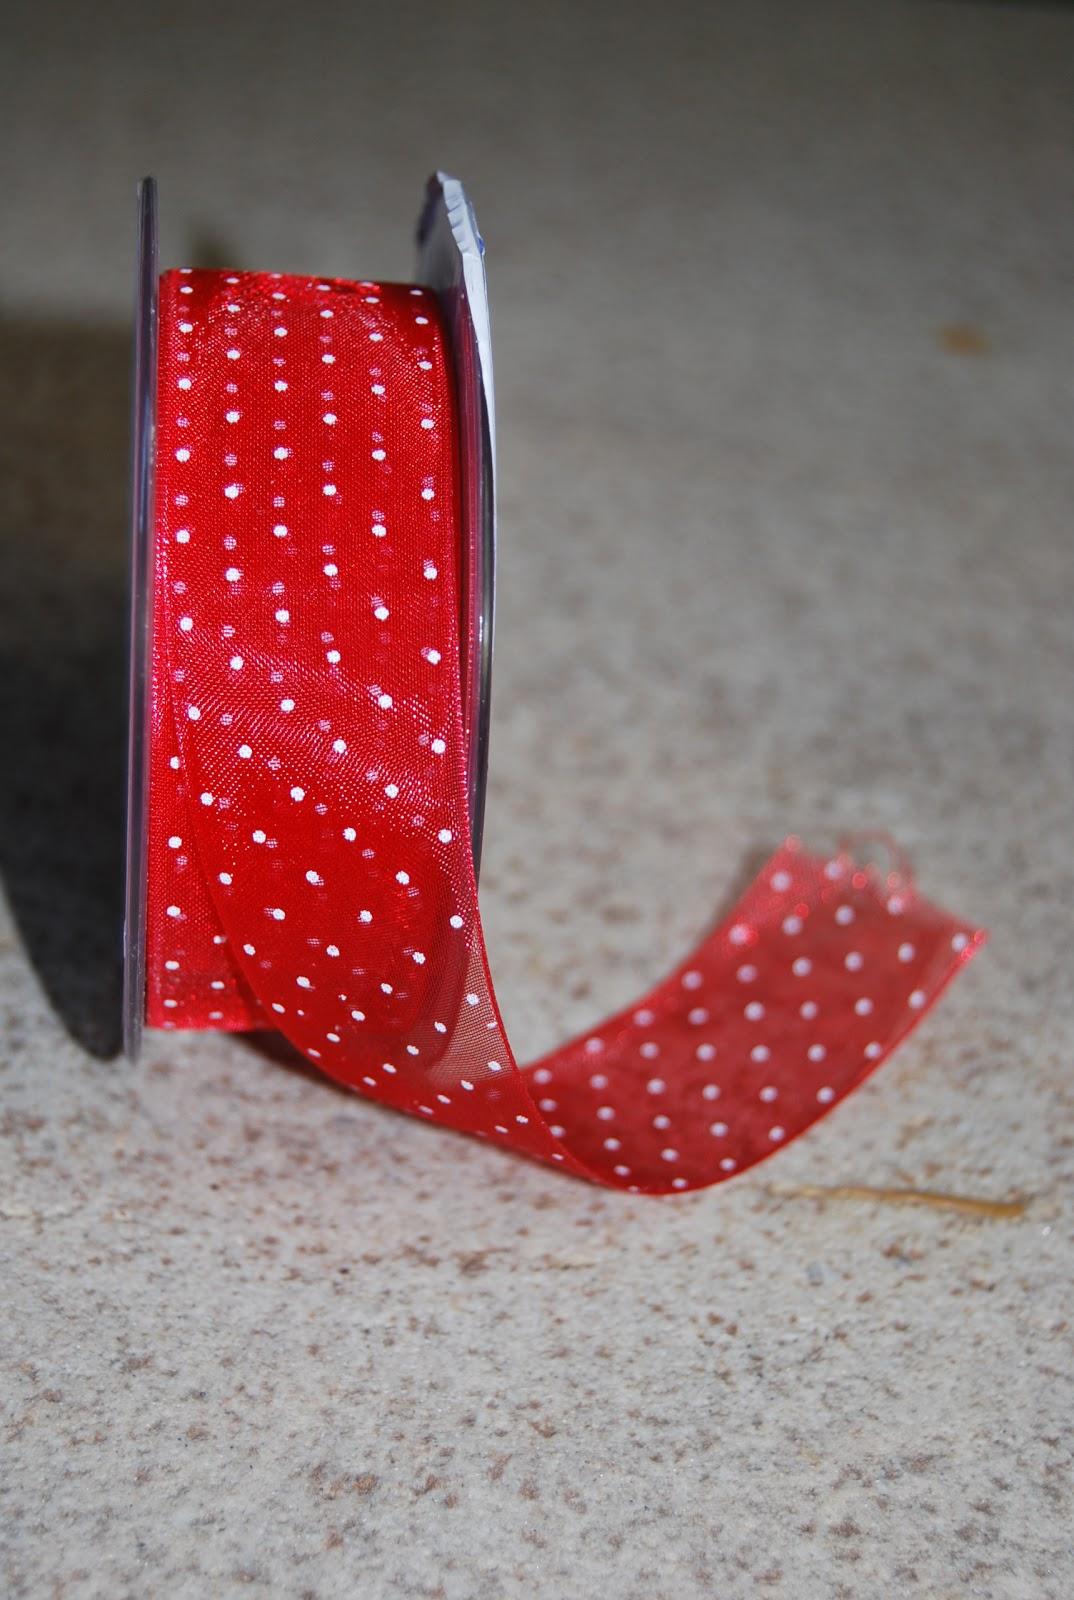 Delipapel lazos rojos navide os - Lazos para arbol de navidad ...